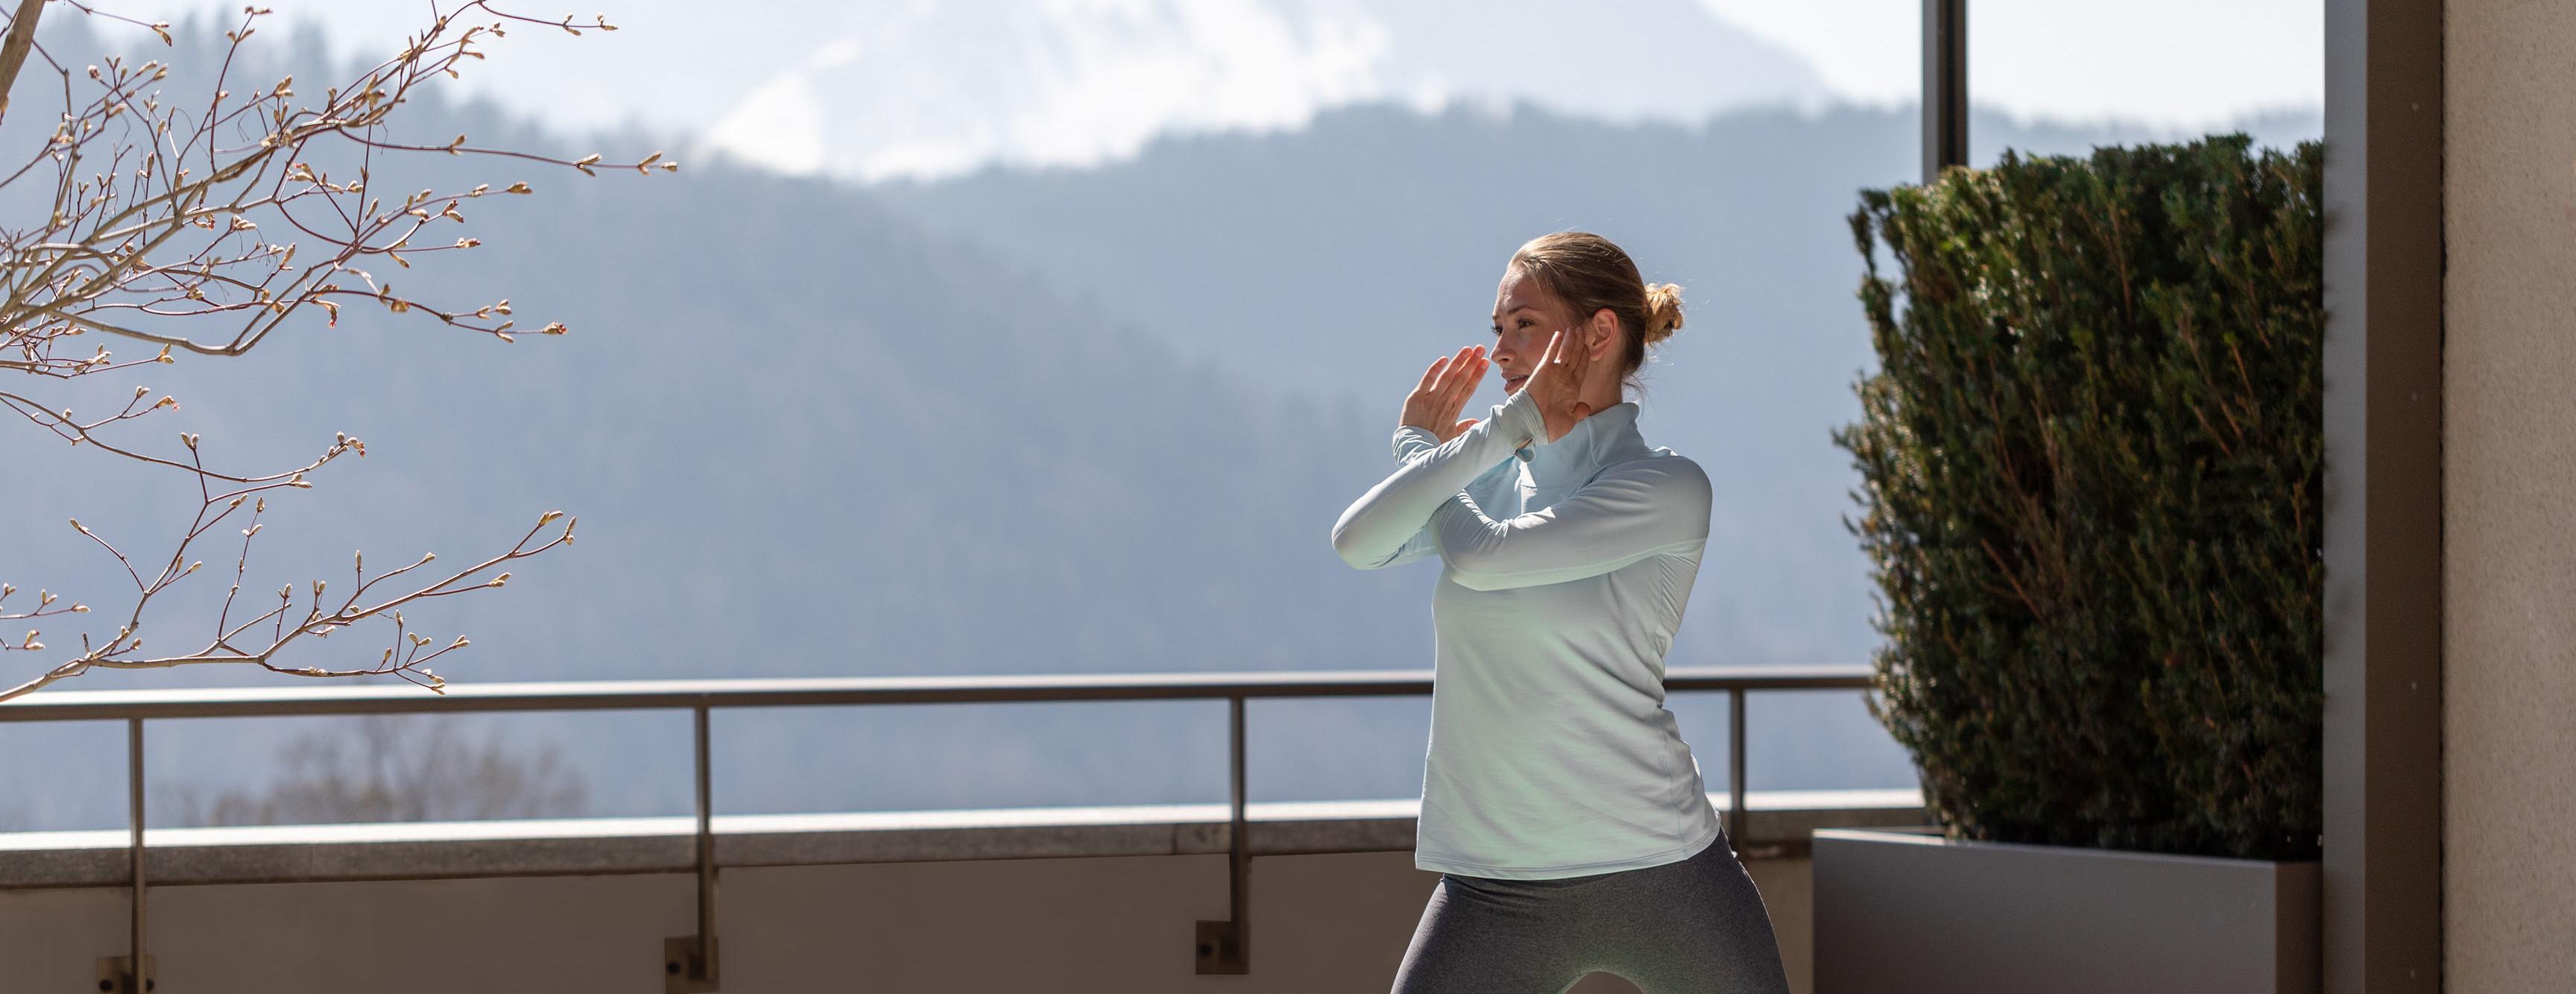 Yoga exercises on the balcony